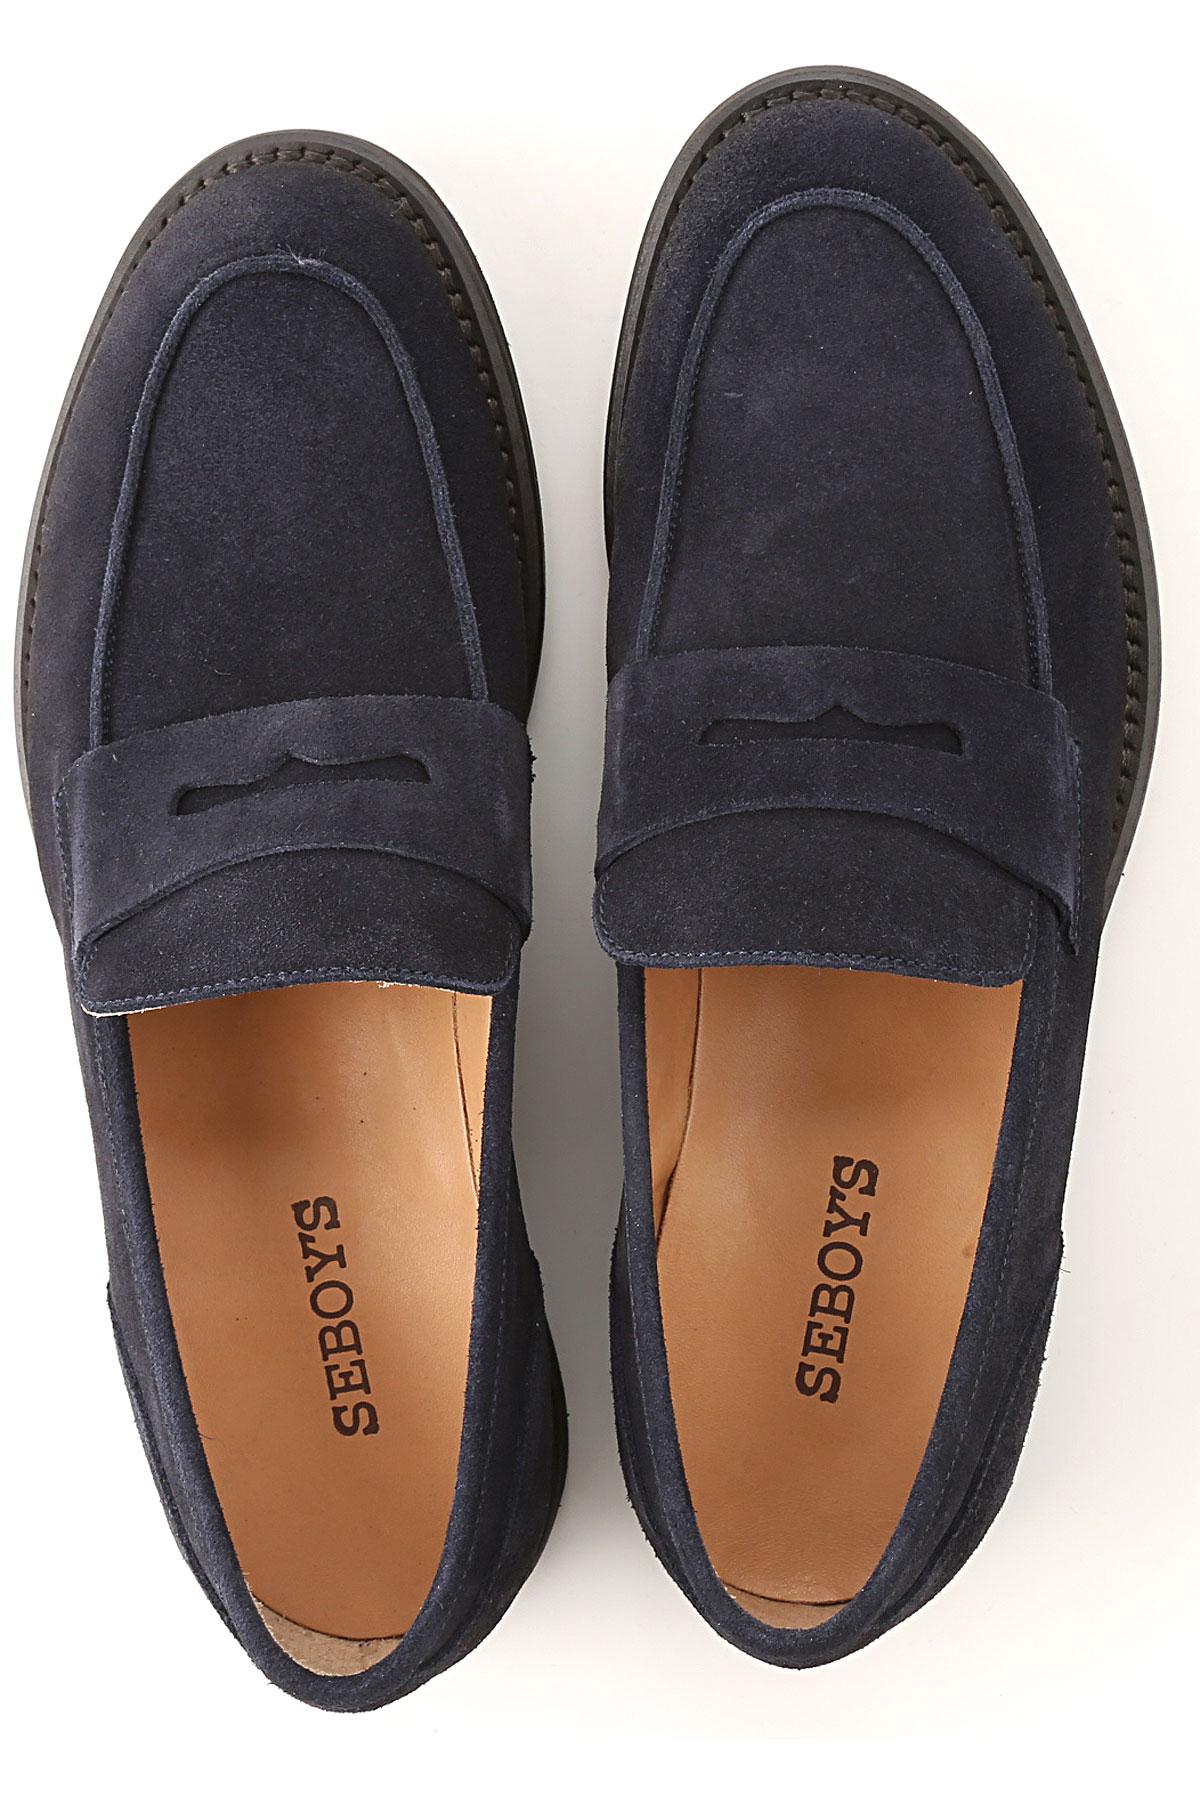 Azul verano Seboys nbsp; Para 2019 Oscuro Zapatos Primavera Hombres Marino TT6xZqS